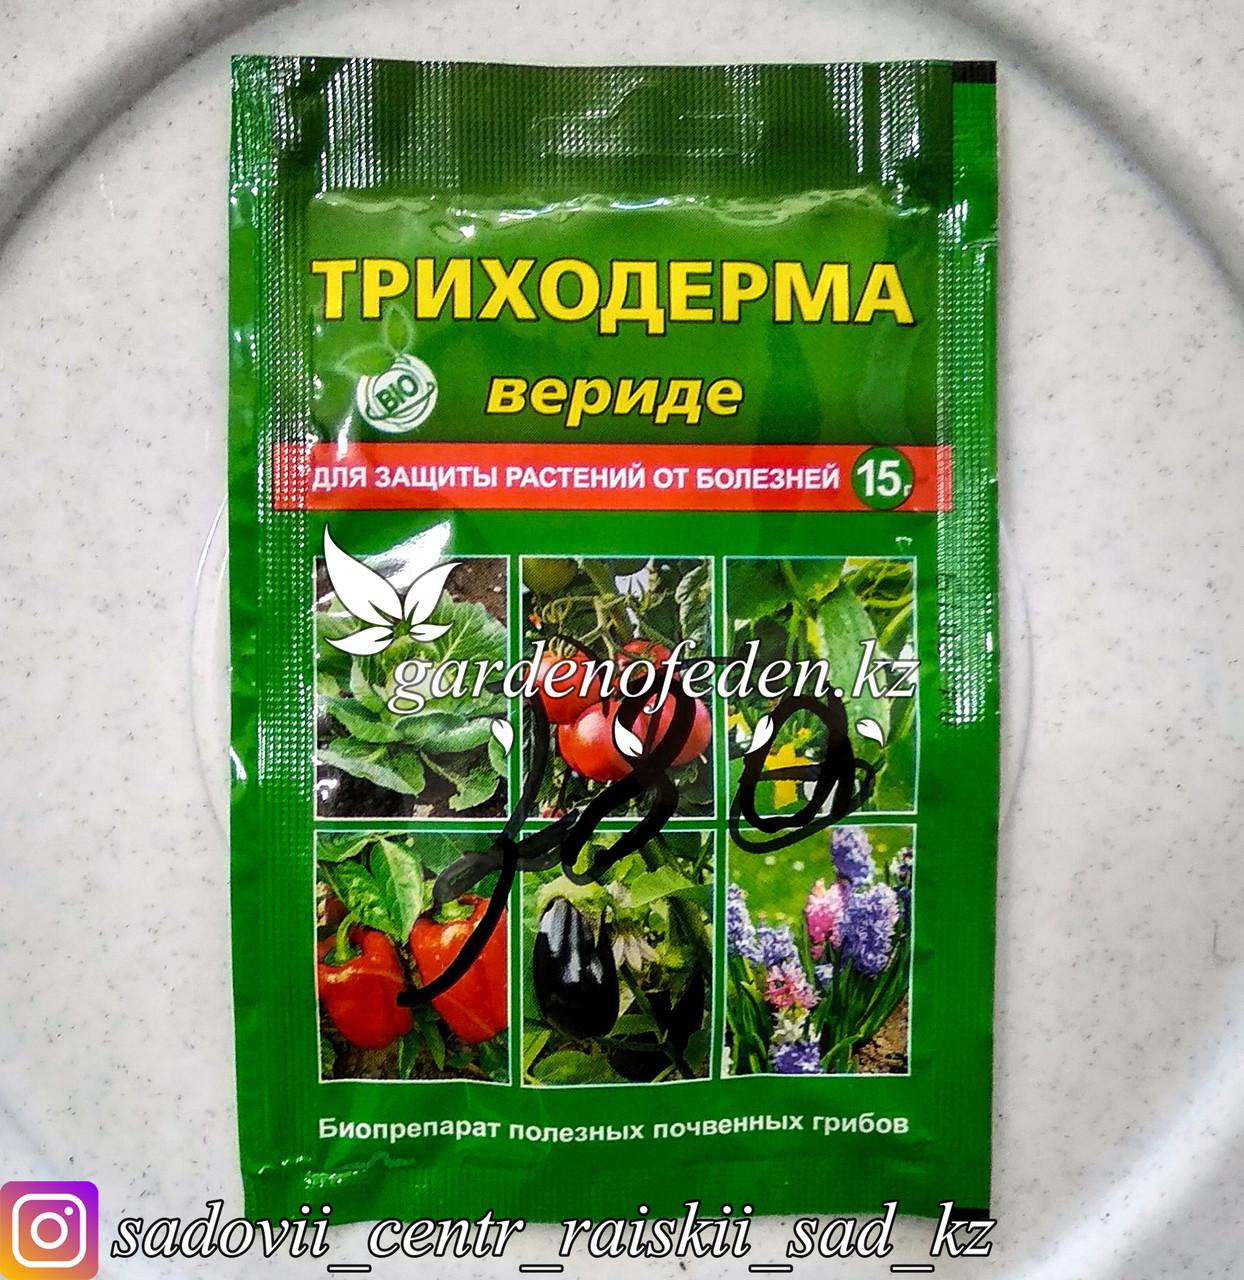 """Средство  для защиты растений от болезней """"Триходерма Вериде"""", 15 г."""